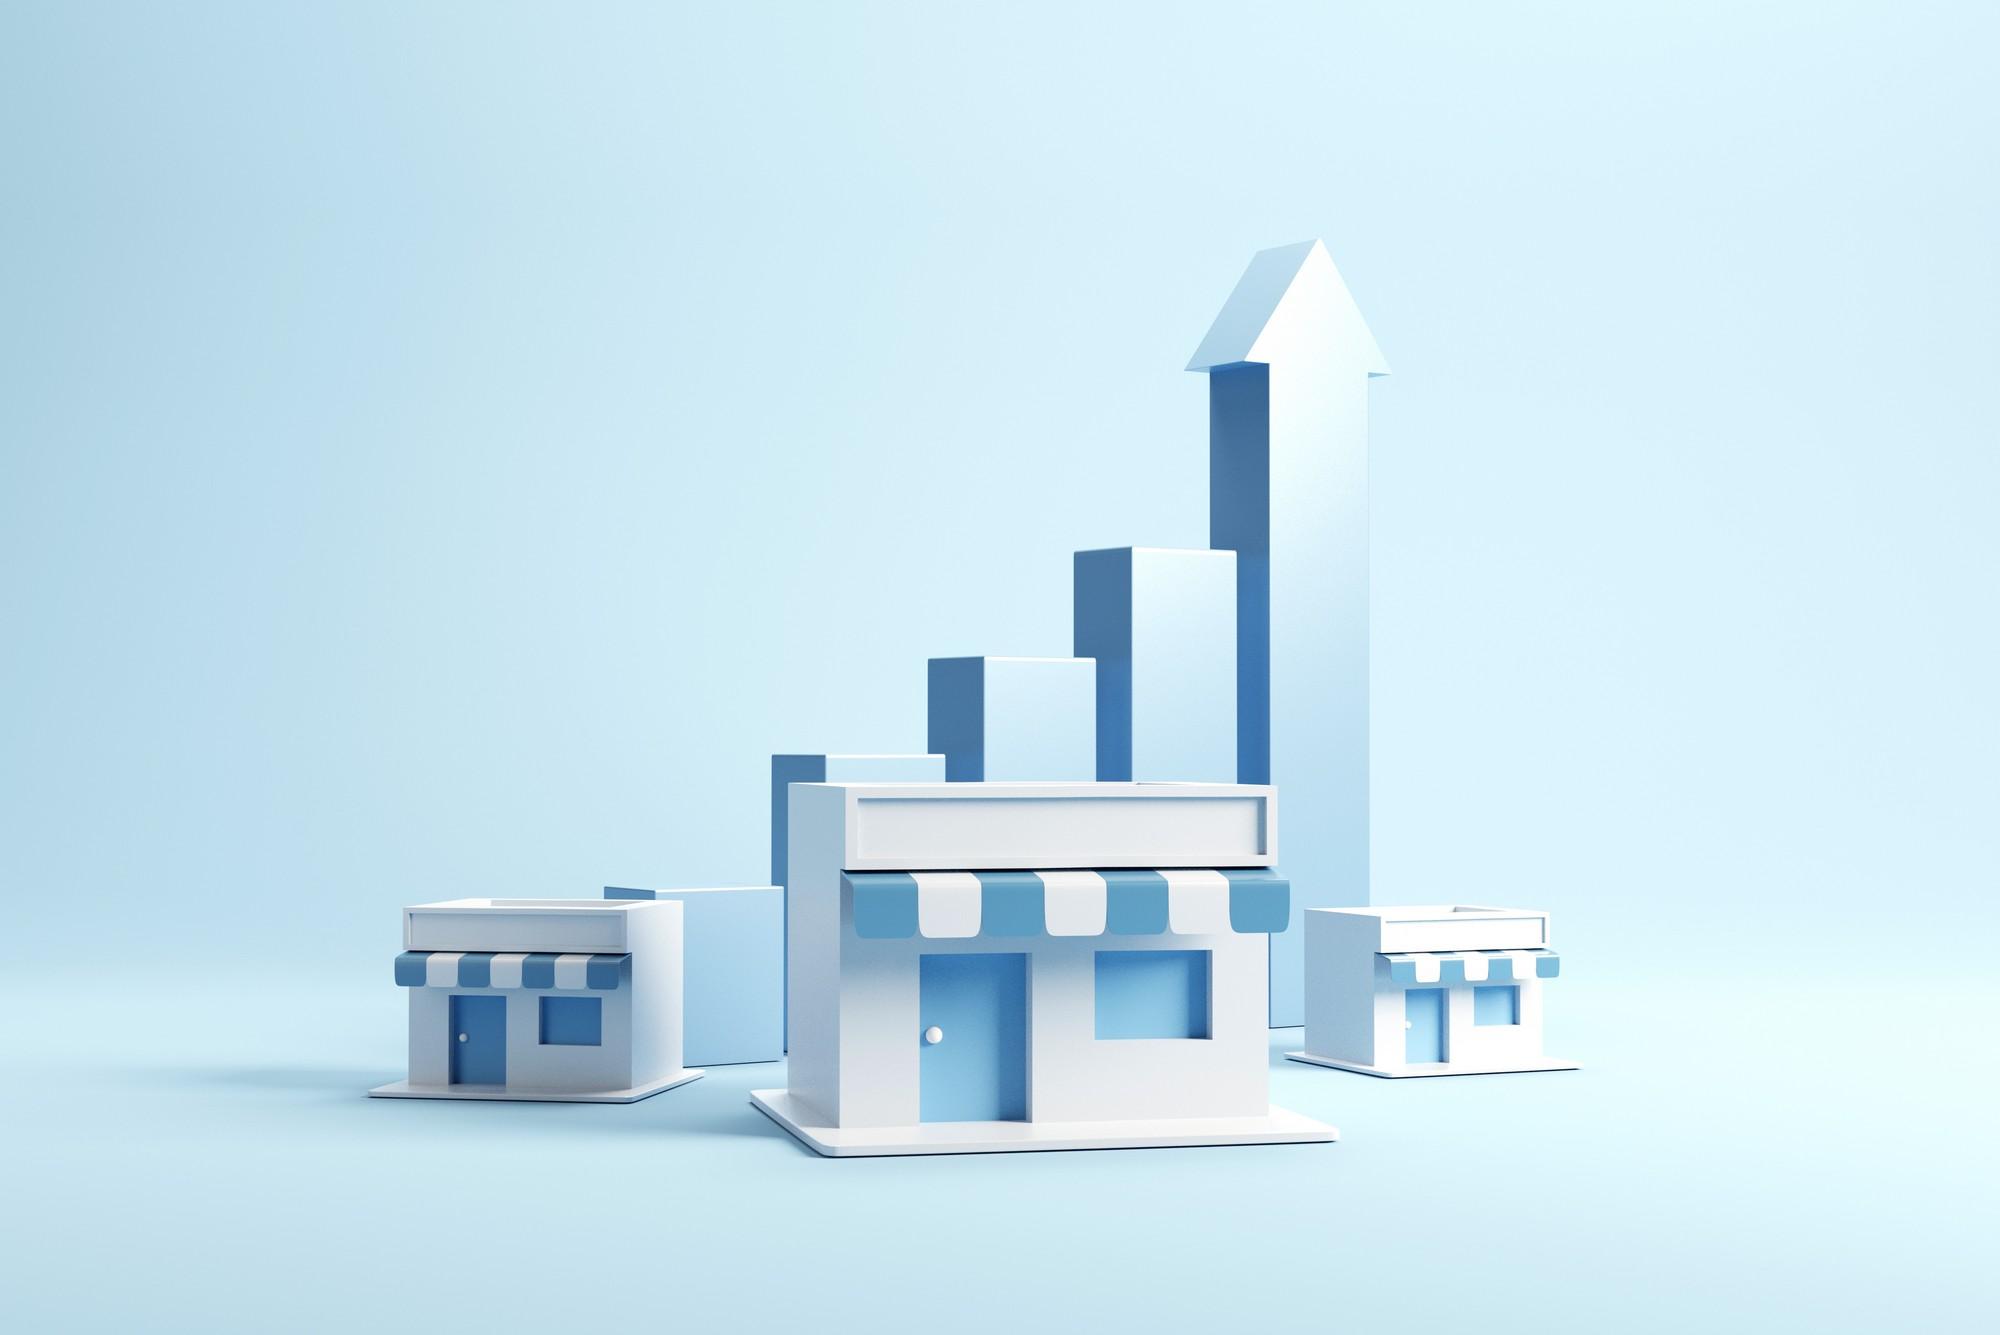 分店管理,品牌管理,分店資訊管理,品牌分類,跨店管理,企業資源規劃